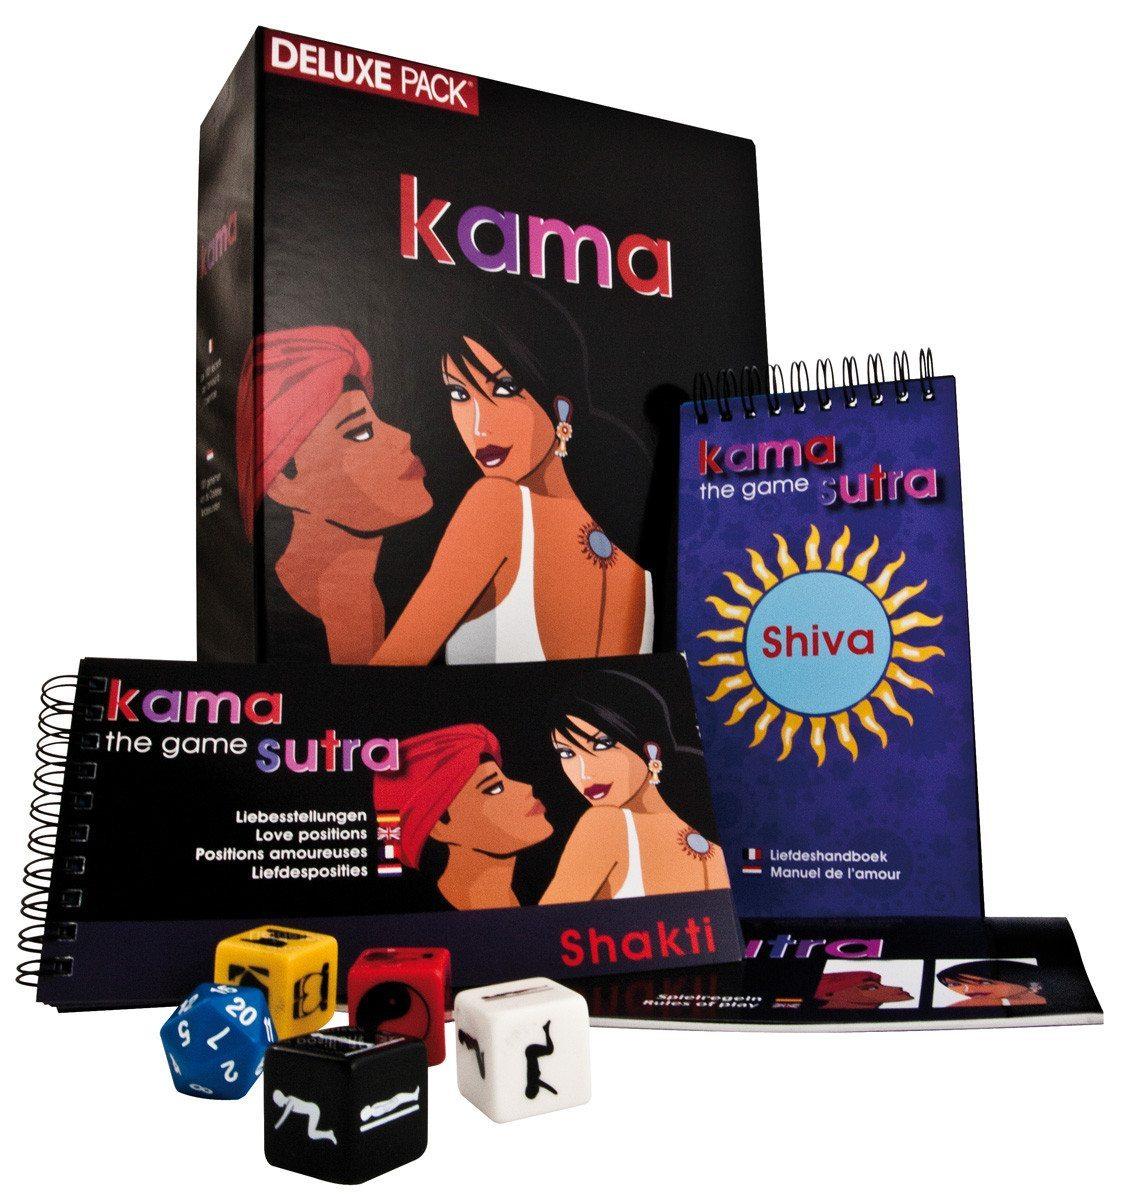 Juegos de rol de pareja Kamasutra - Un regalo placentero